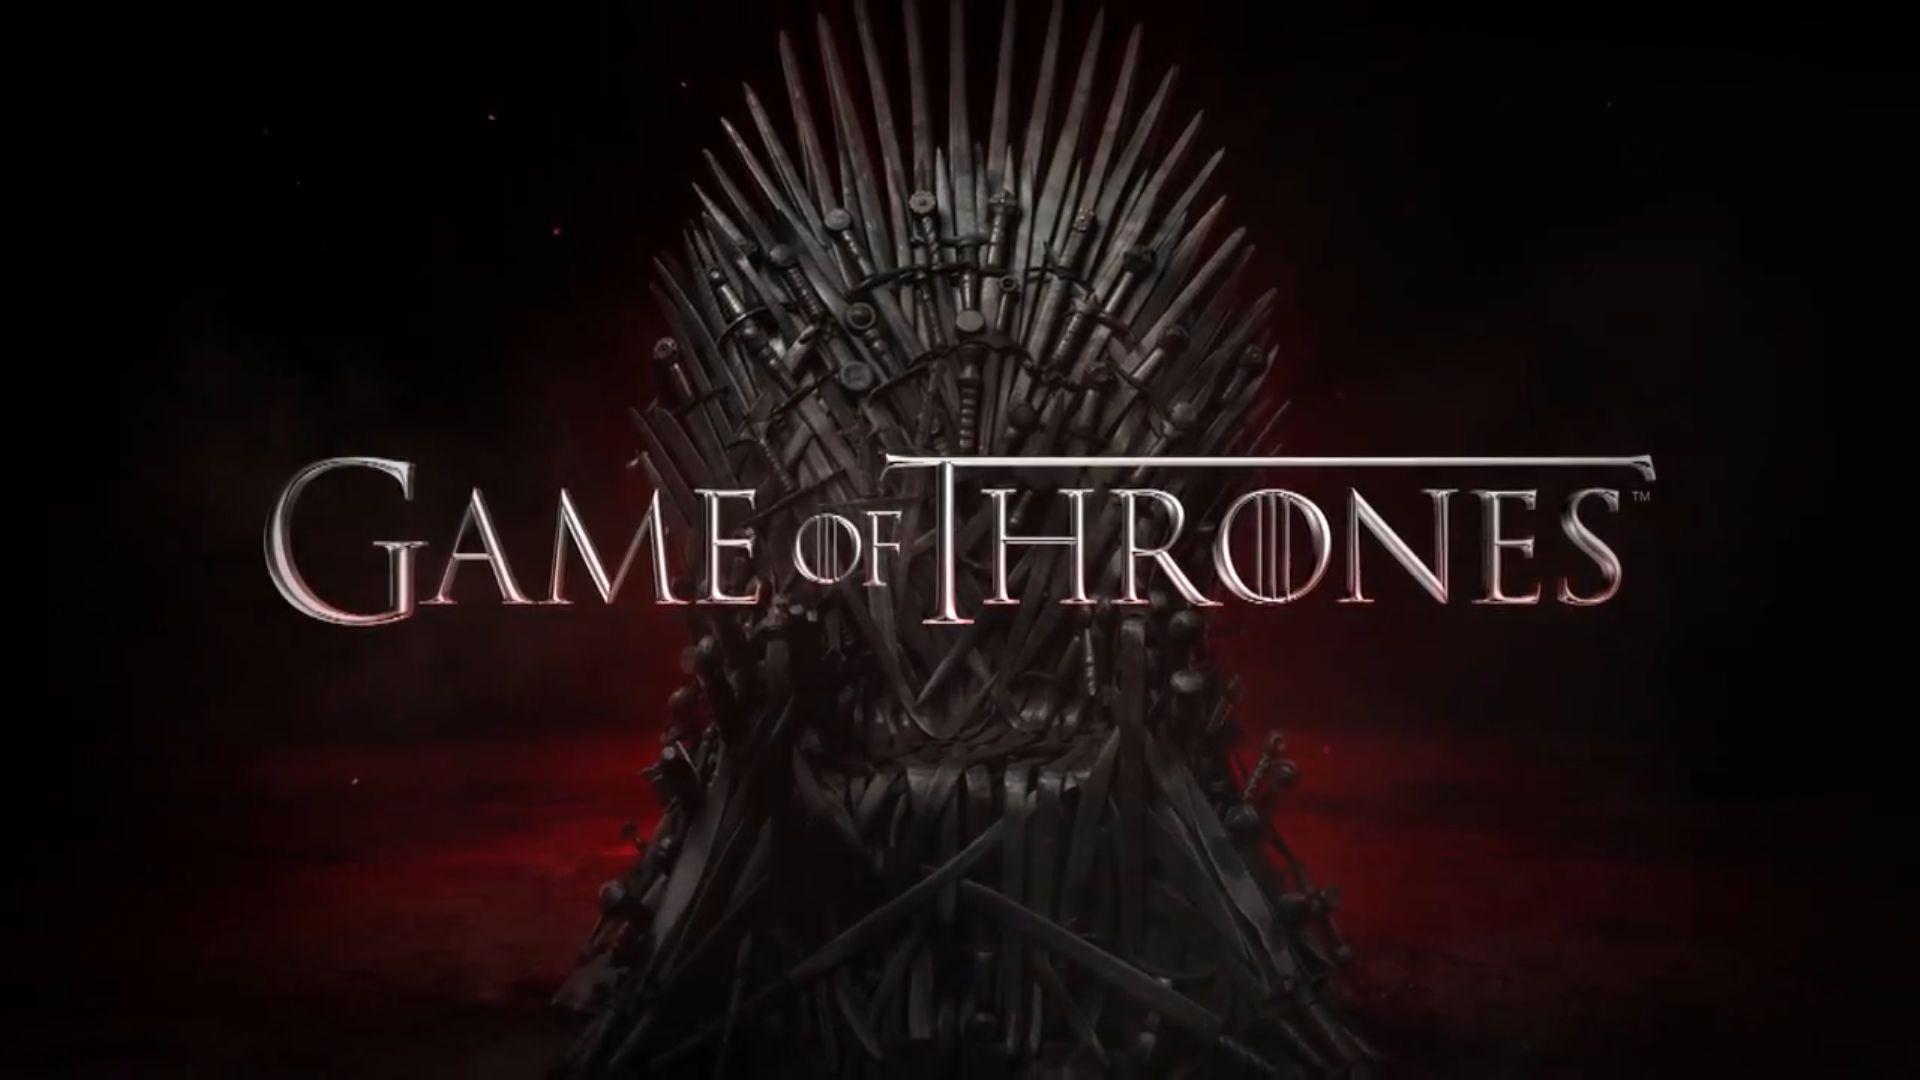 Het allerleukste aan Game of Thrones